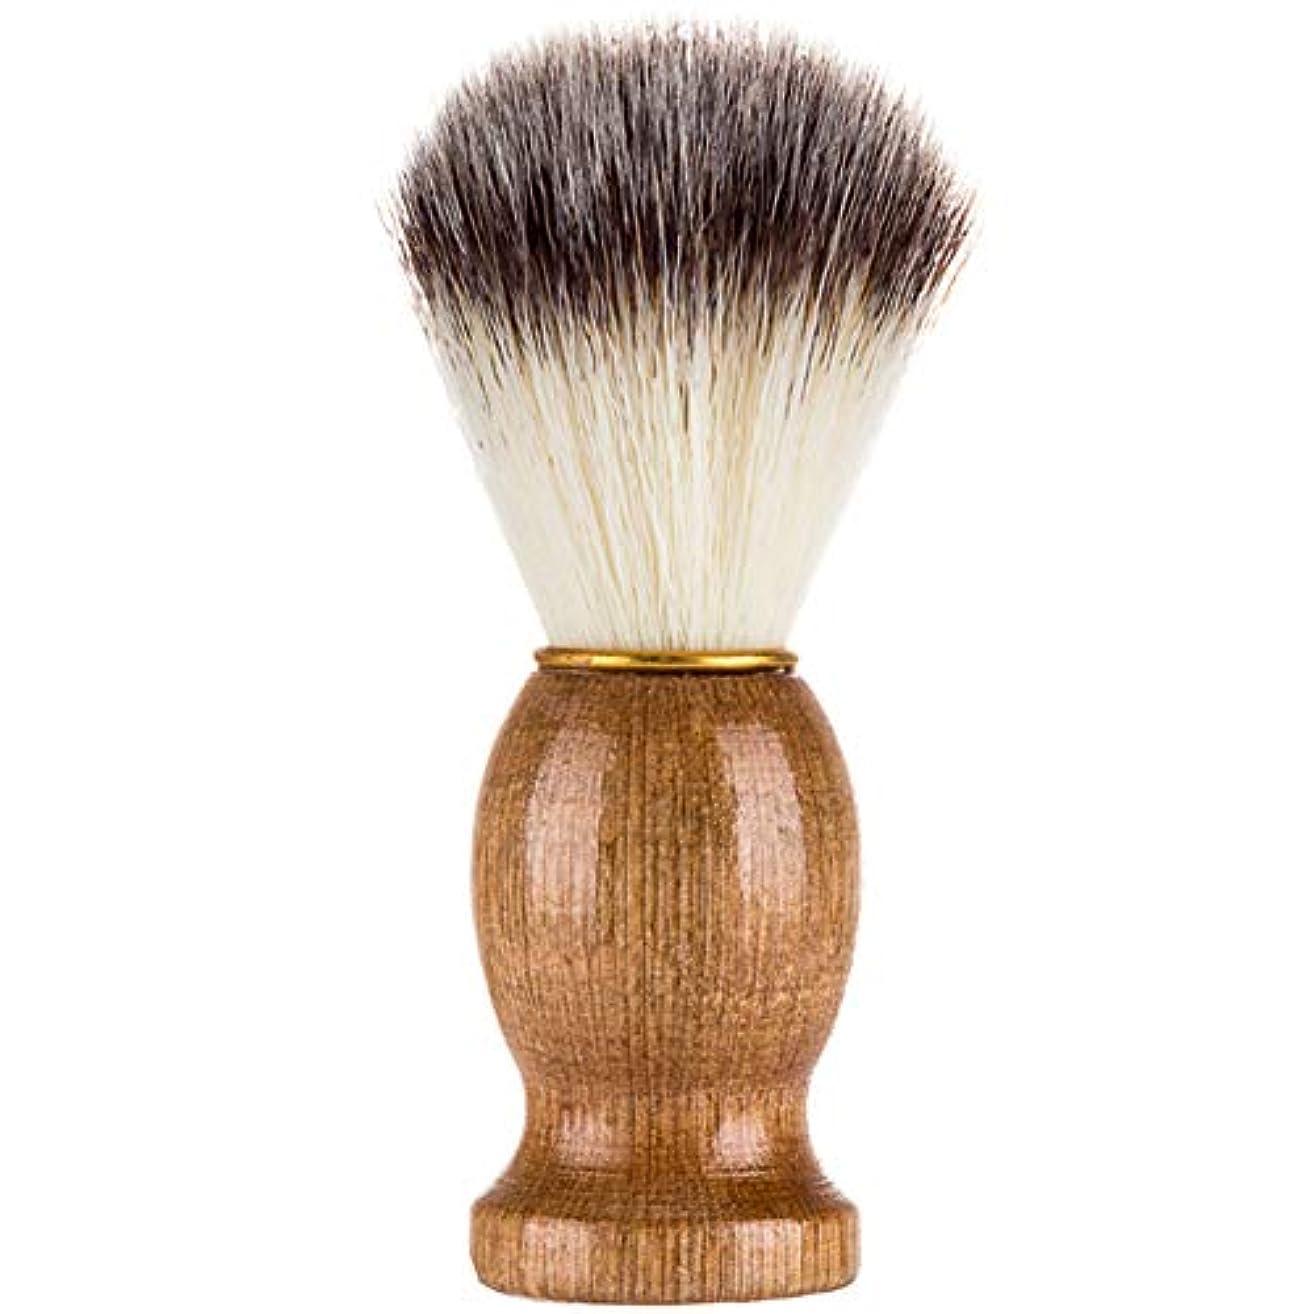 書誌トロリー粗いXlp シェービングブラシ、シェービングブラシ、男性シェービングブラシシェービングかみそりブラシサロン理髪店用ツールひげ剃り用品